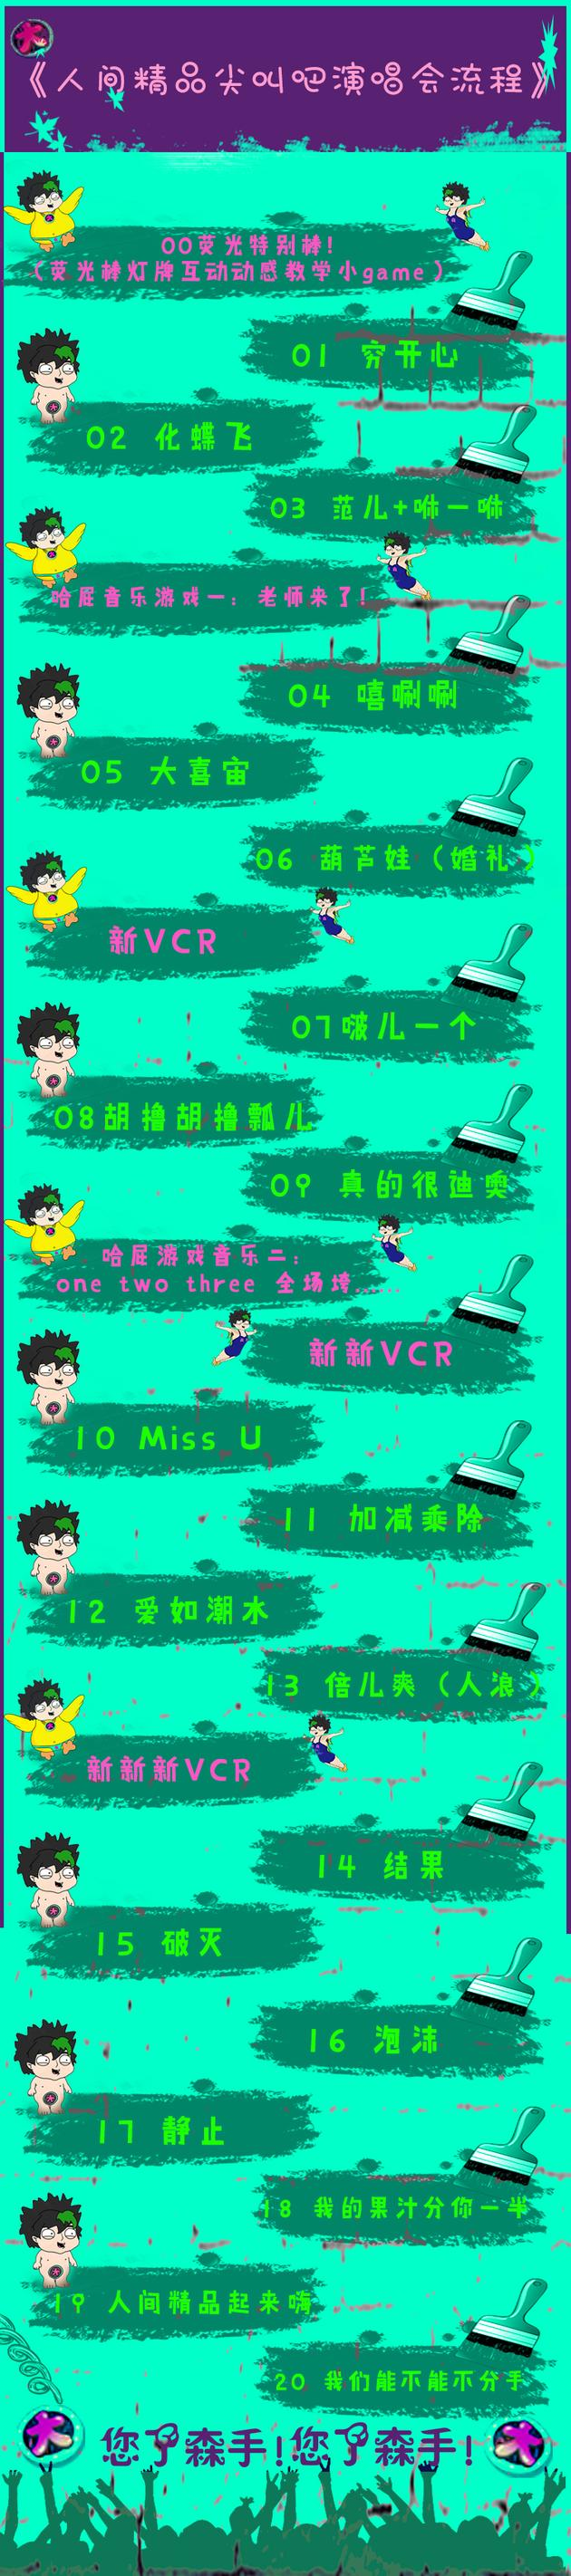 大张伟演唱会流程歌单曝光 9月9日北京站正式开票